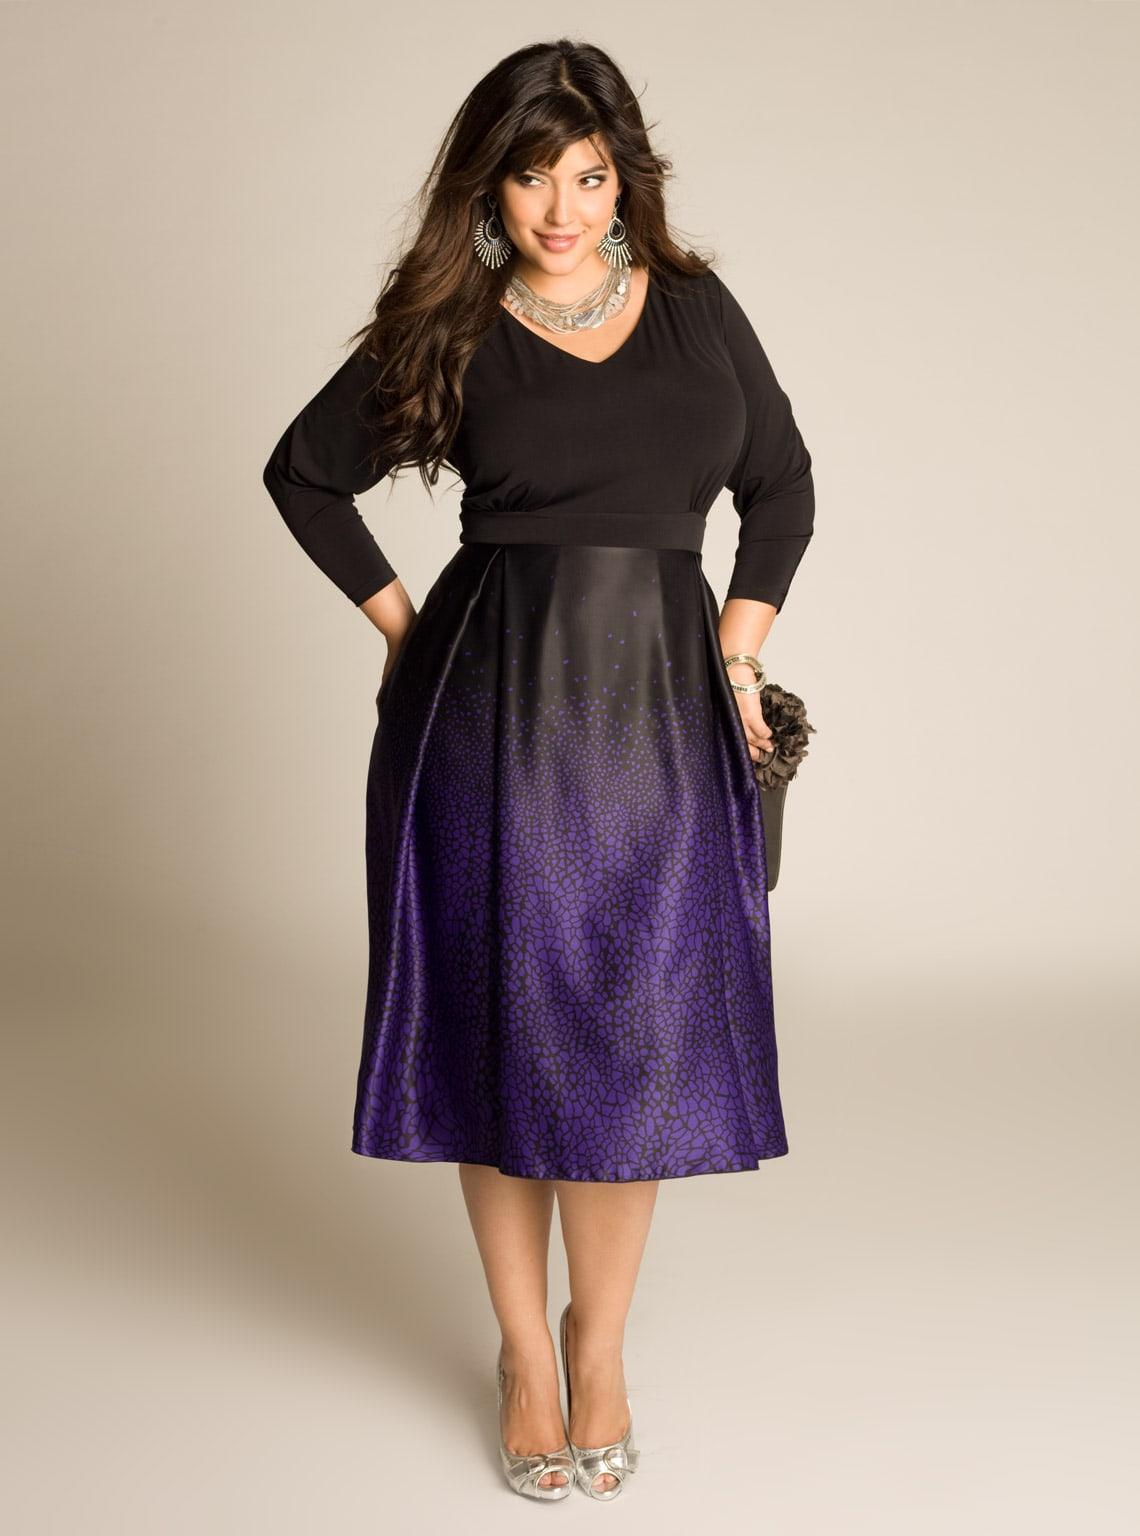 Фото платьев для очень полных